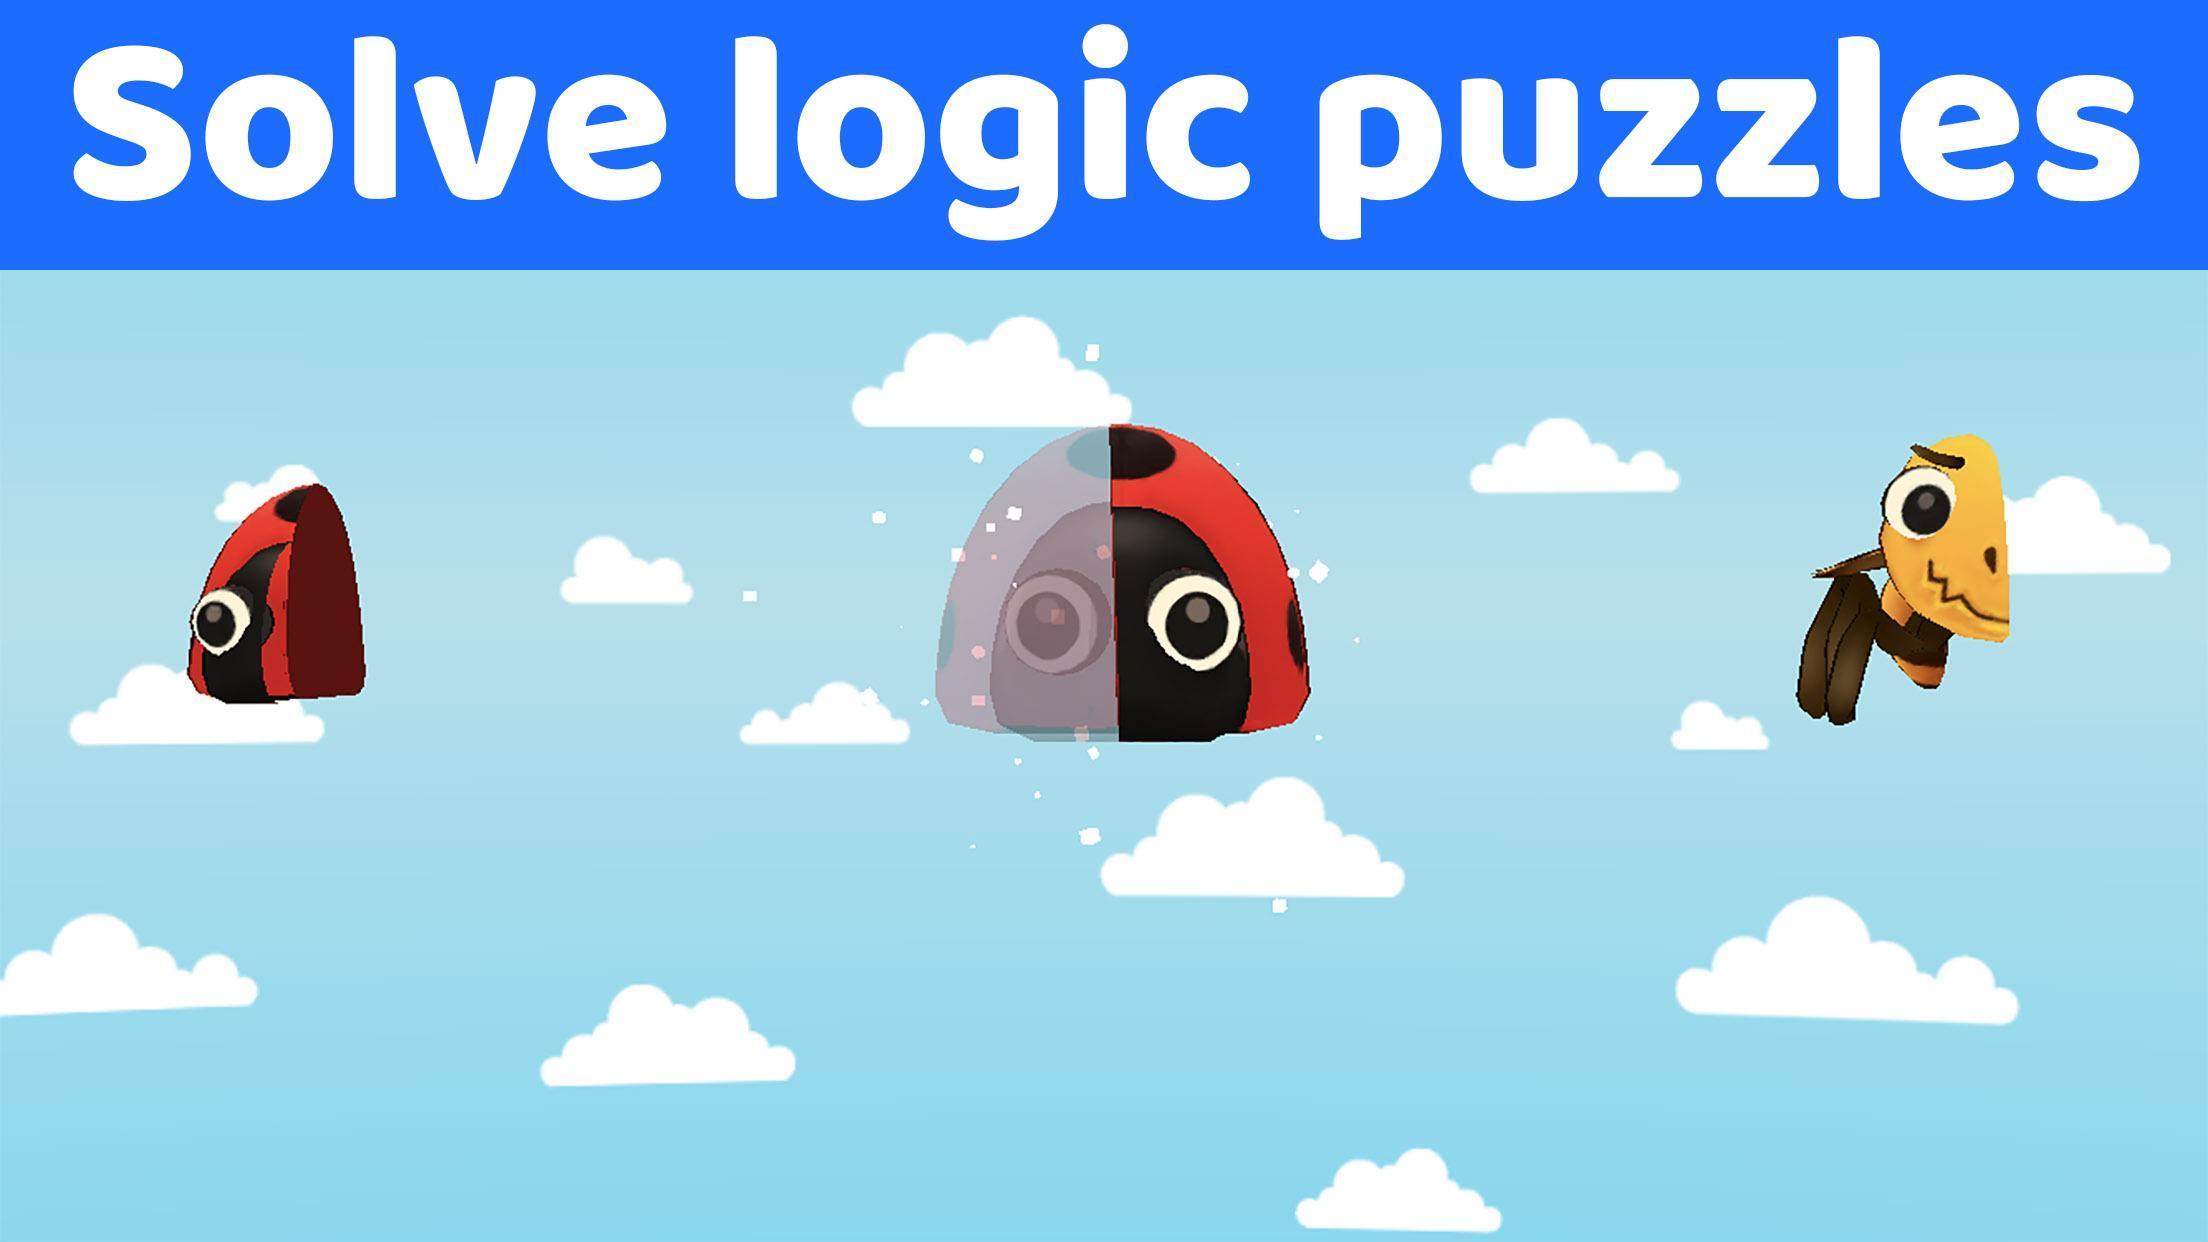 Puzzle Animaux Pour Enfant. Alphabet Jeux Fille Pour Android encequiconcerne Jeux De Fille Puzzle